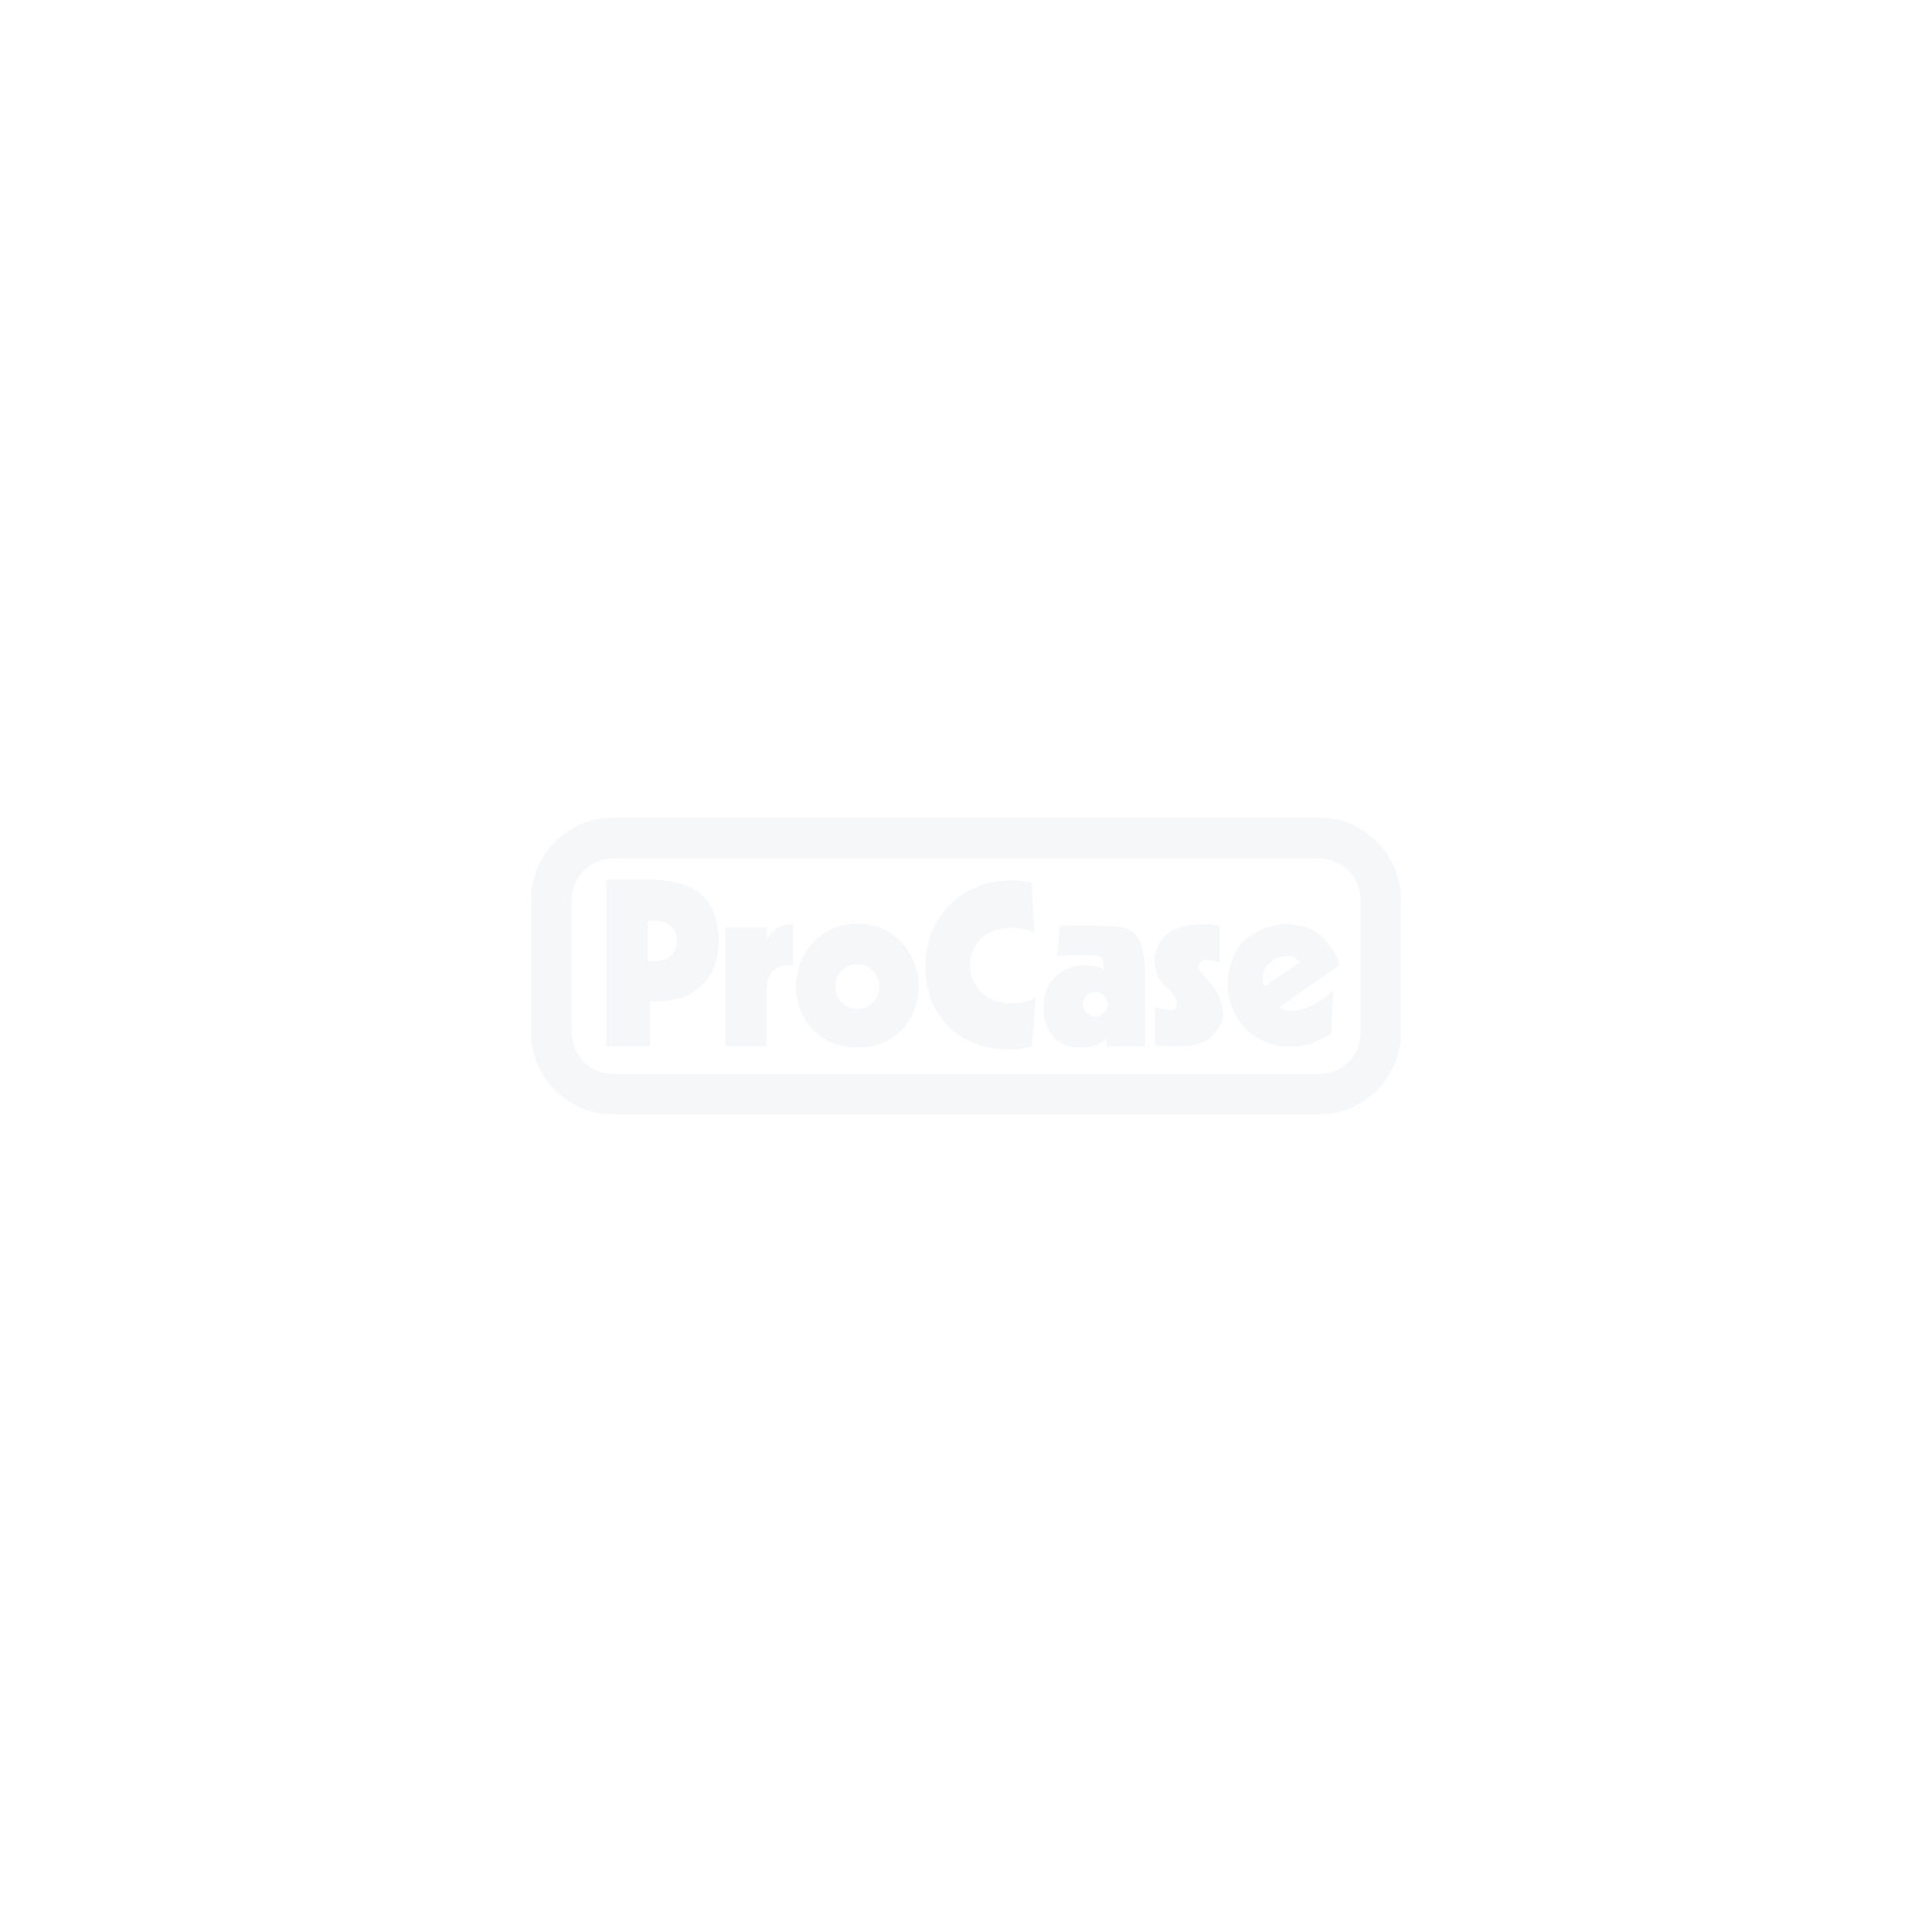 SKB 3i Koffer 0907-6 leer 2